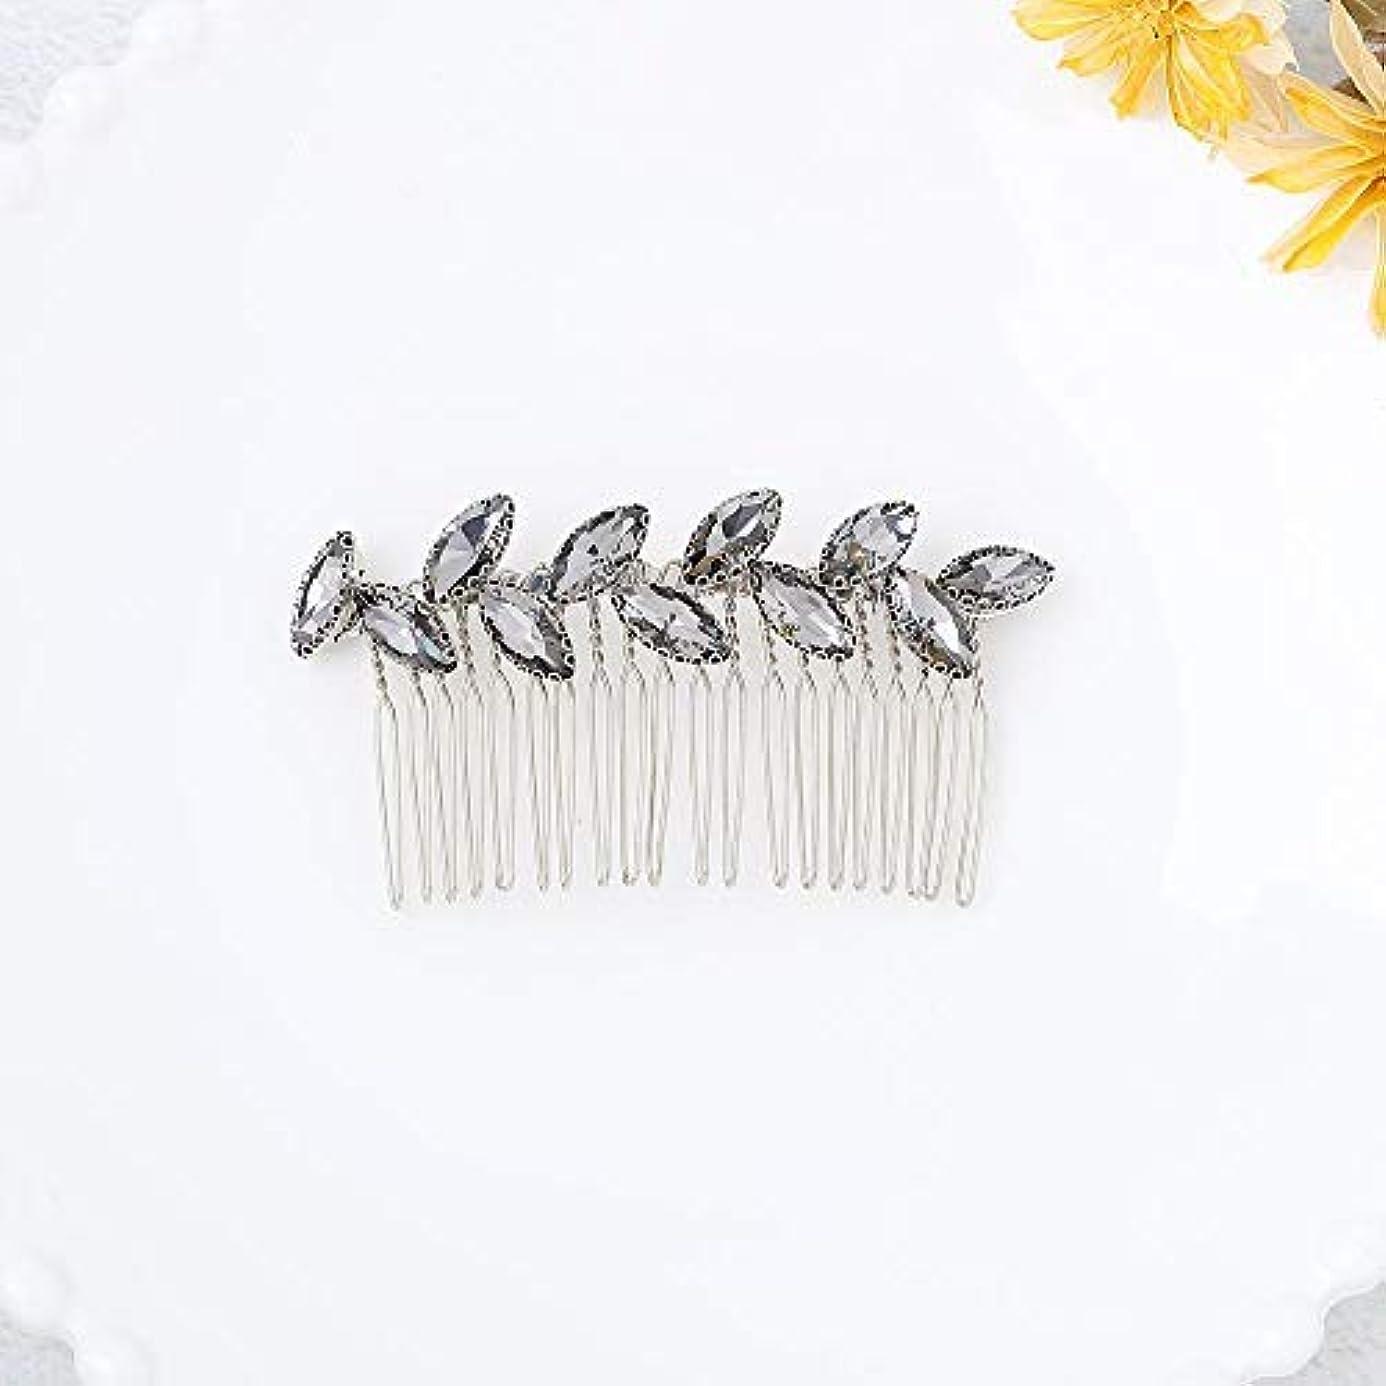 治安判事病的広くJovono Bride Wedding Hair Comb Bridal Headpieces with Rhinestone for Women and Girls (Silver) [並行輸入品]